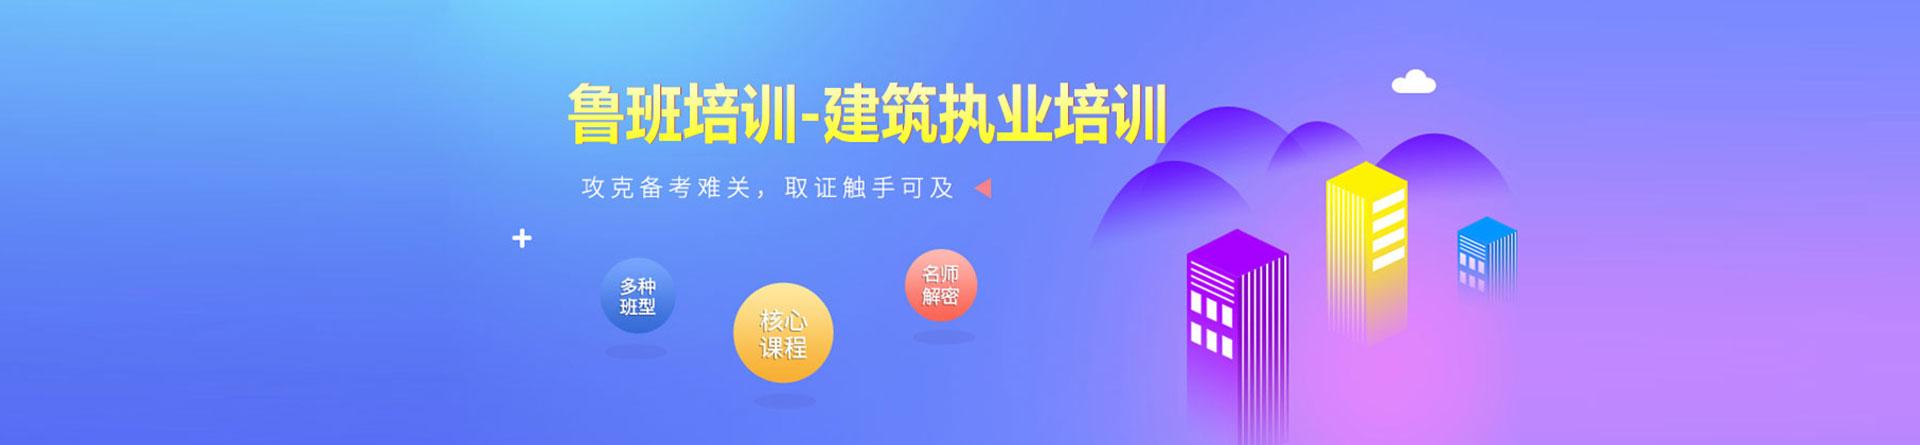 郑州鲁班软件